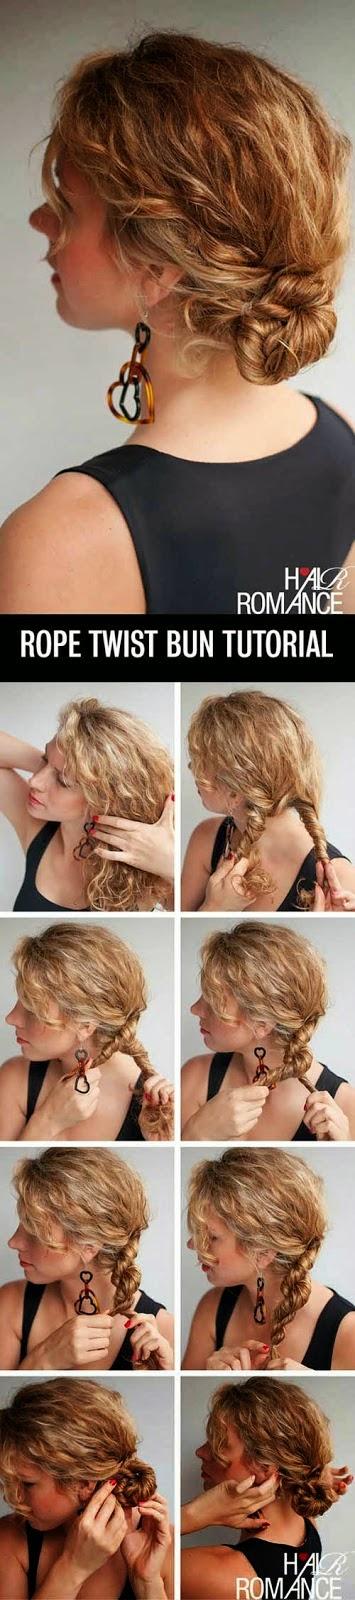 Vou tentar fazer esse quando usar meu cabelo natural.